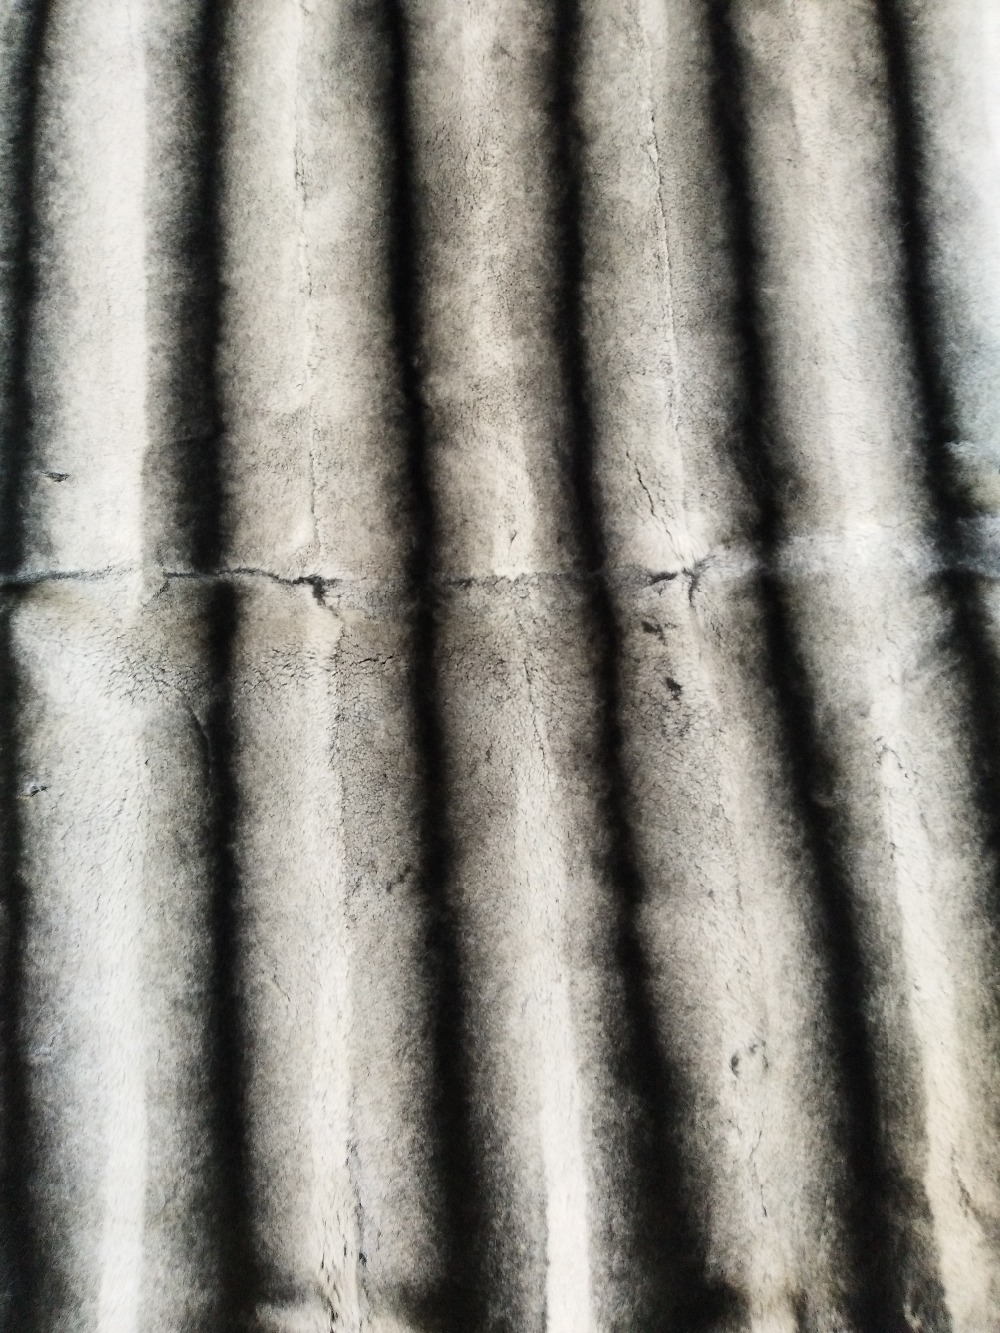 Chinchilla Rex plaque de fourrure de lapin couverture de peau de lapin réel tapis de fourrure jeter bonne qualité doux handfeel vêtement accessoire nouveau